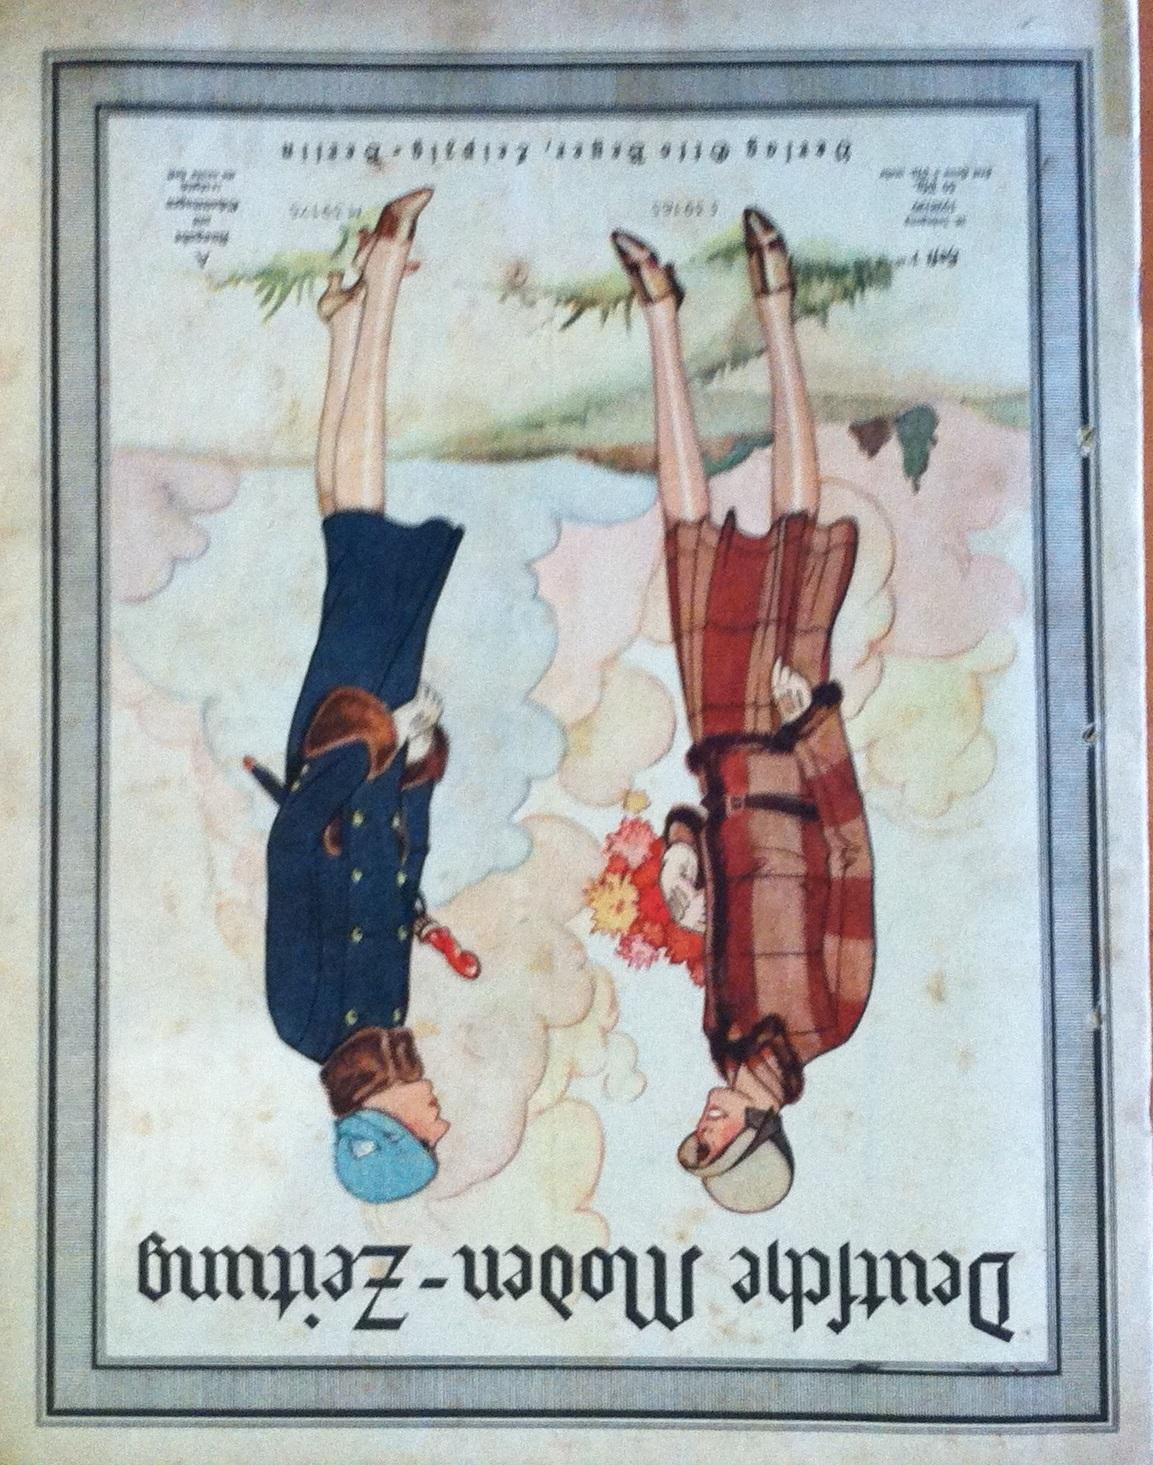 Deutsche Moden-Zeitung No. 1 Vol. 38 1928/29